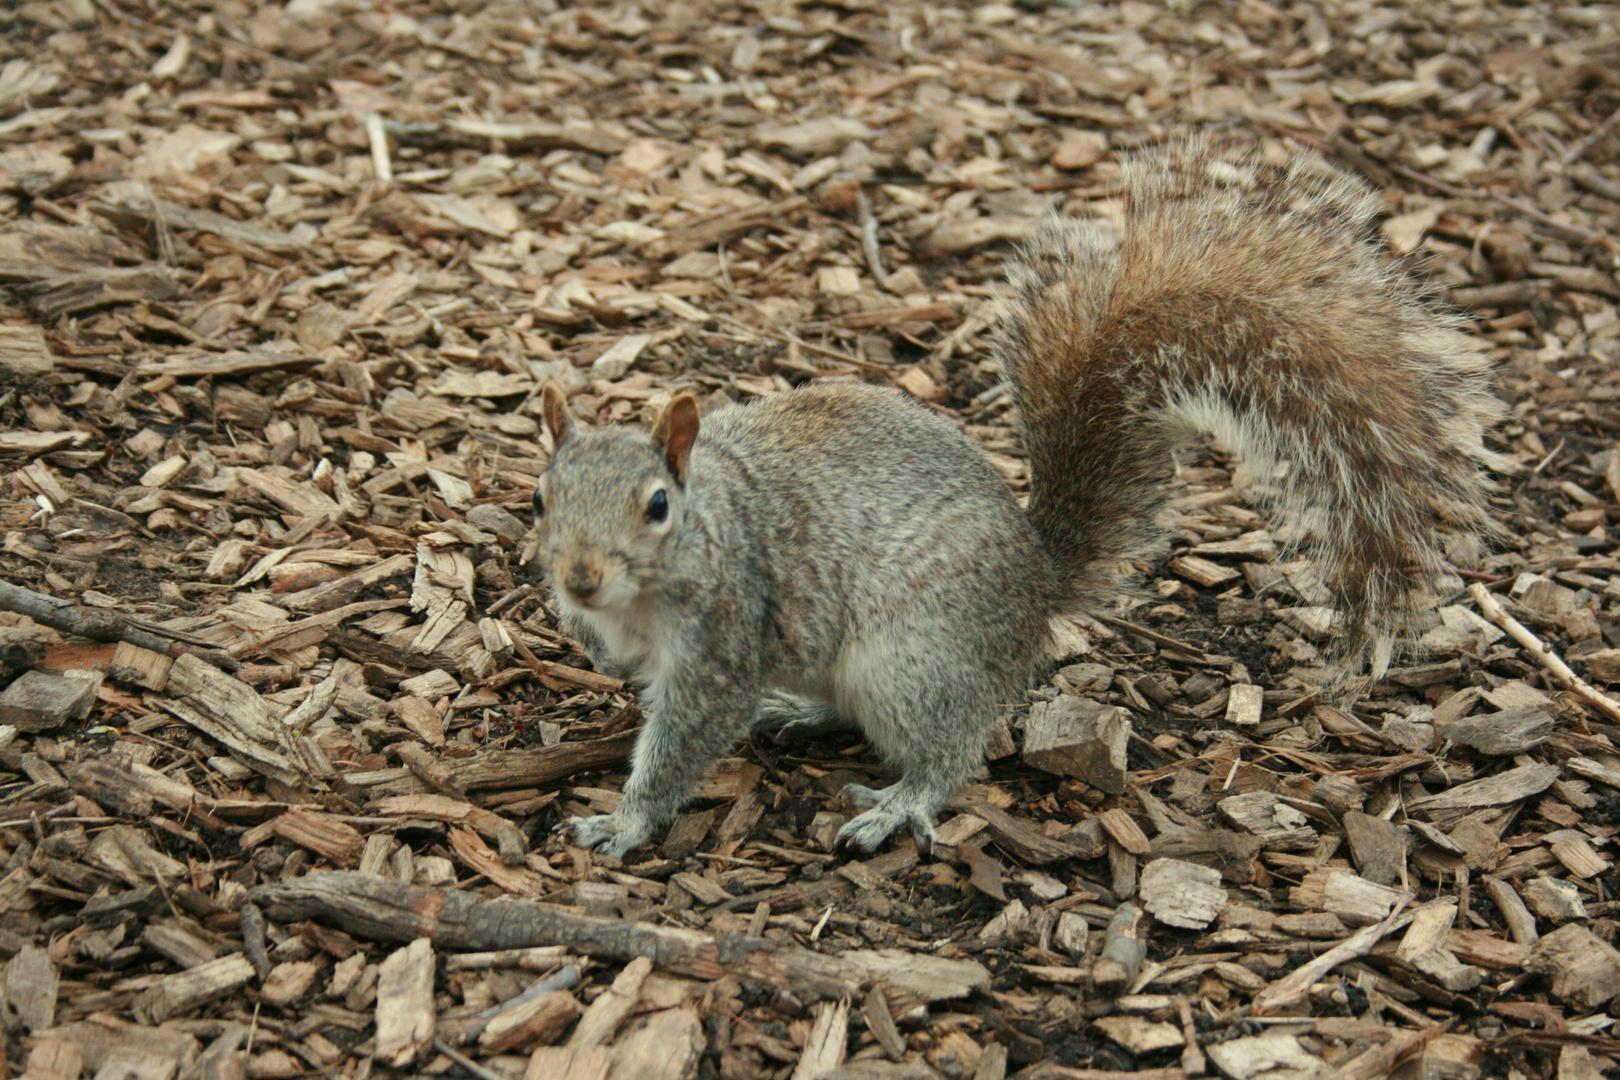 Das etwas andere Eichhörnchenbild